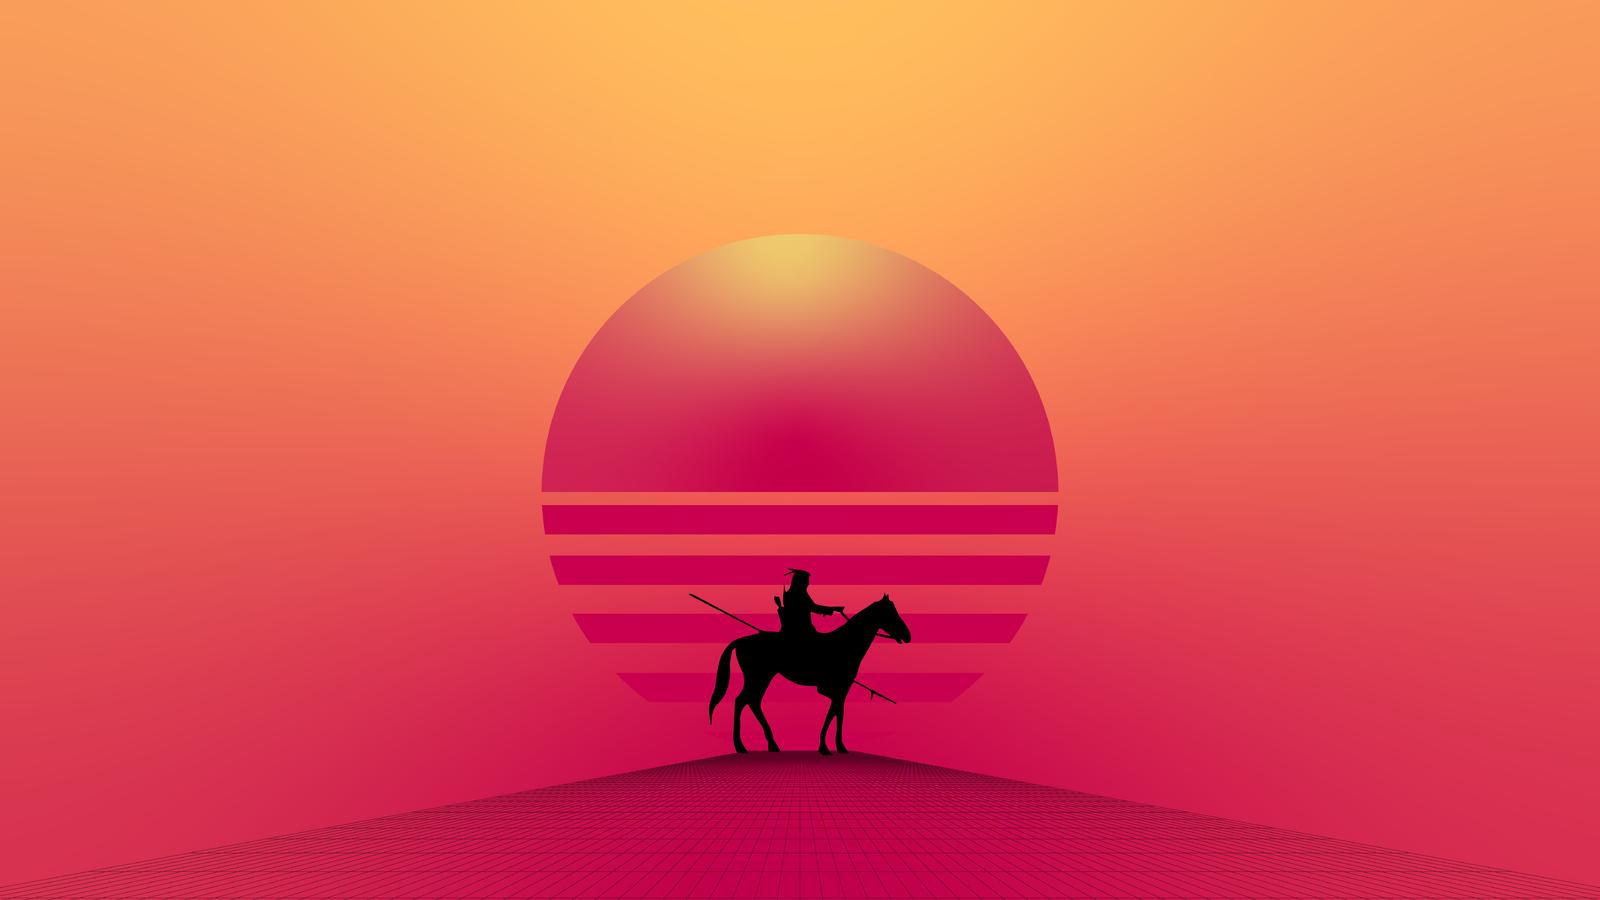 horse-warrior-minimal-8k-w2.jpg